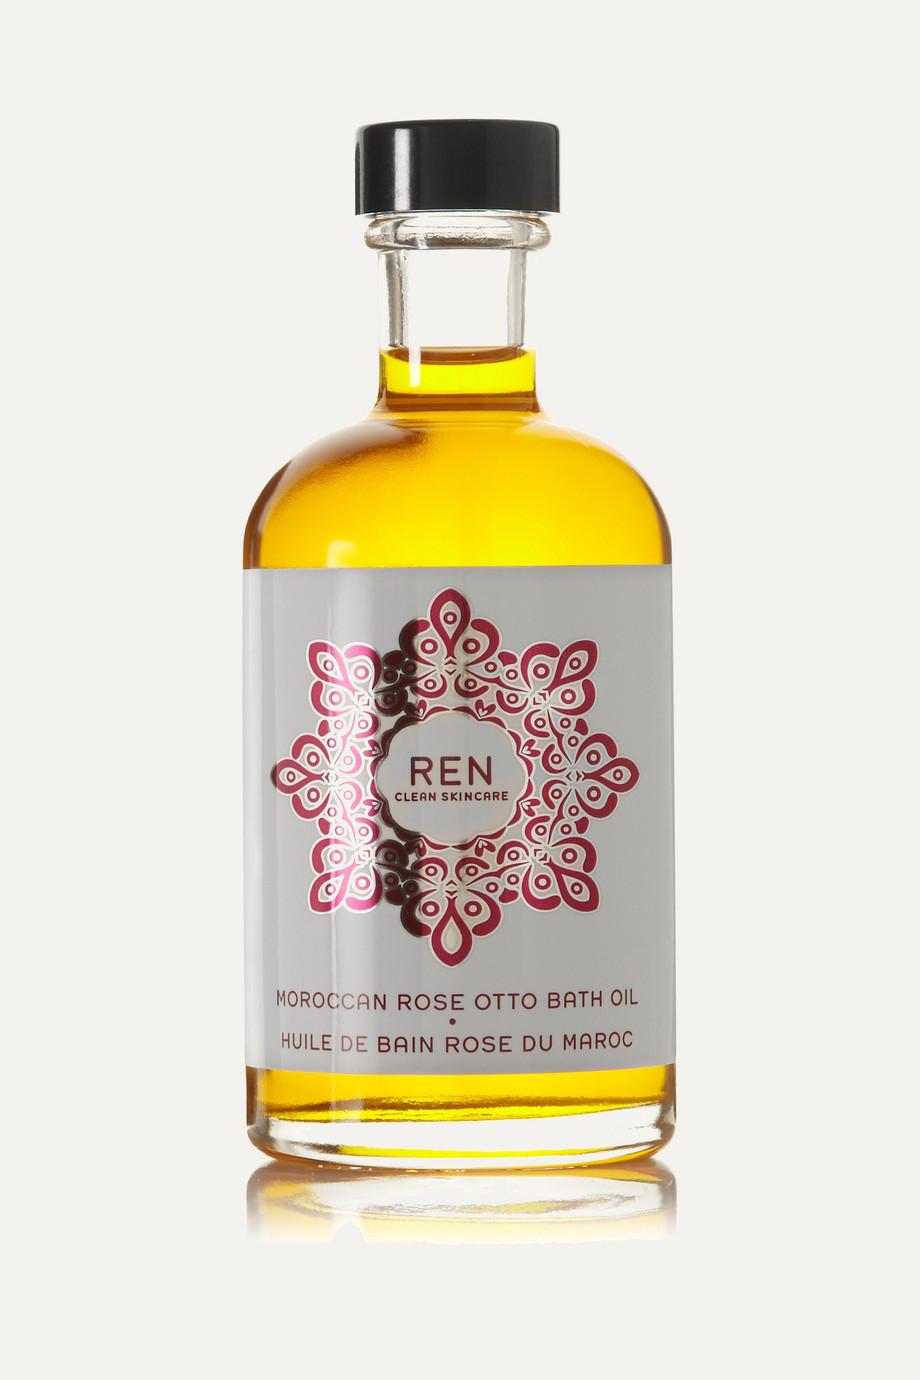 Moroccan Rose Otto Bath Oil, 110ml, by Ren Skincare